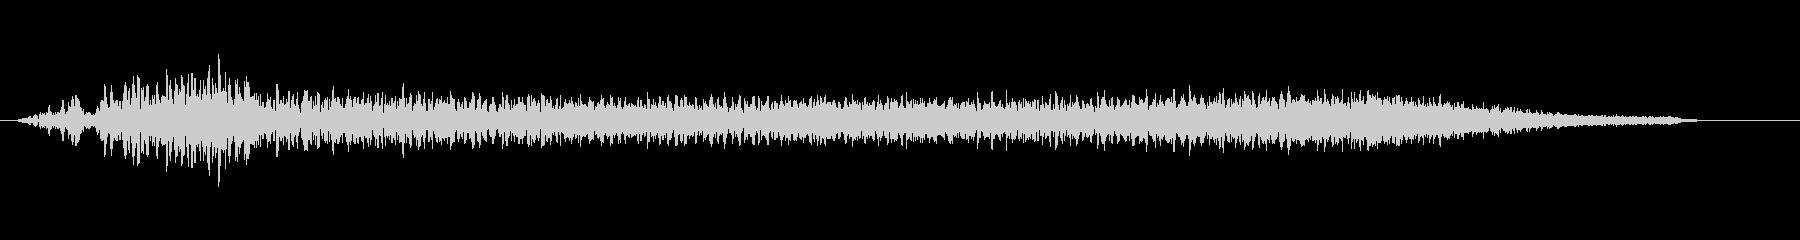 FI UFO ウォブルロング01の未再生の波形